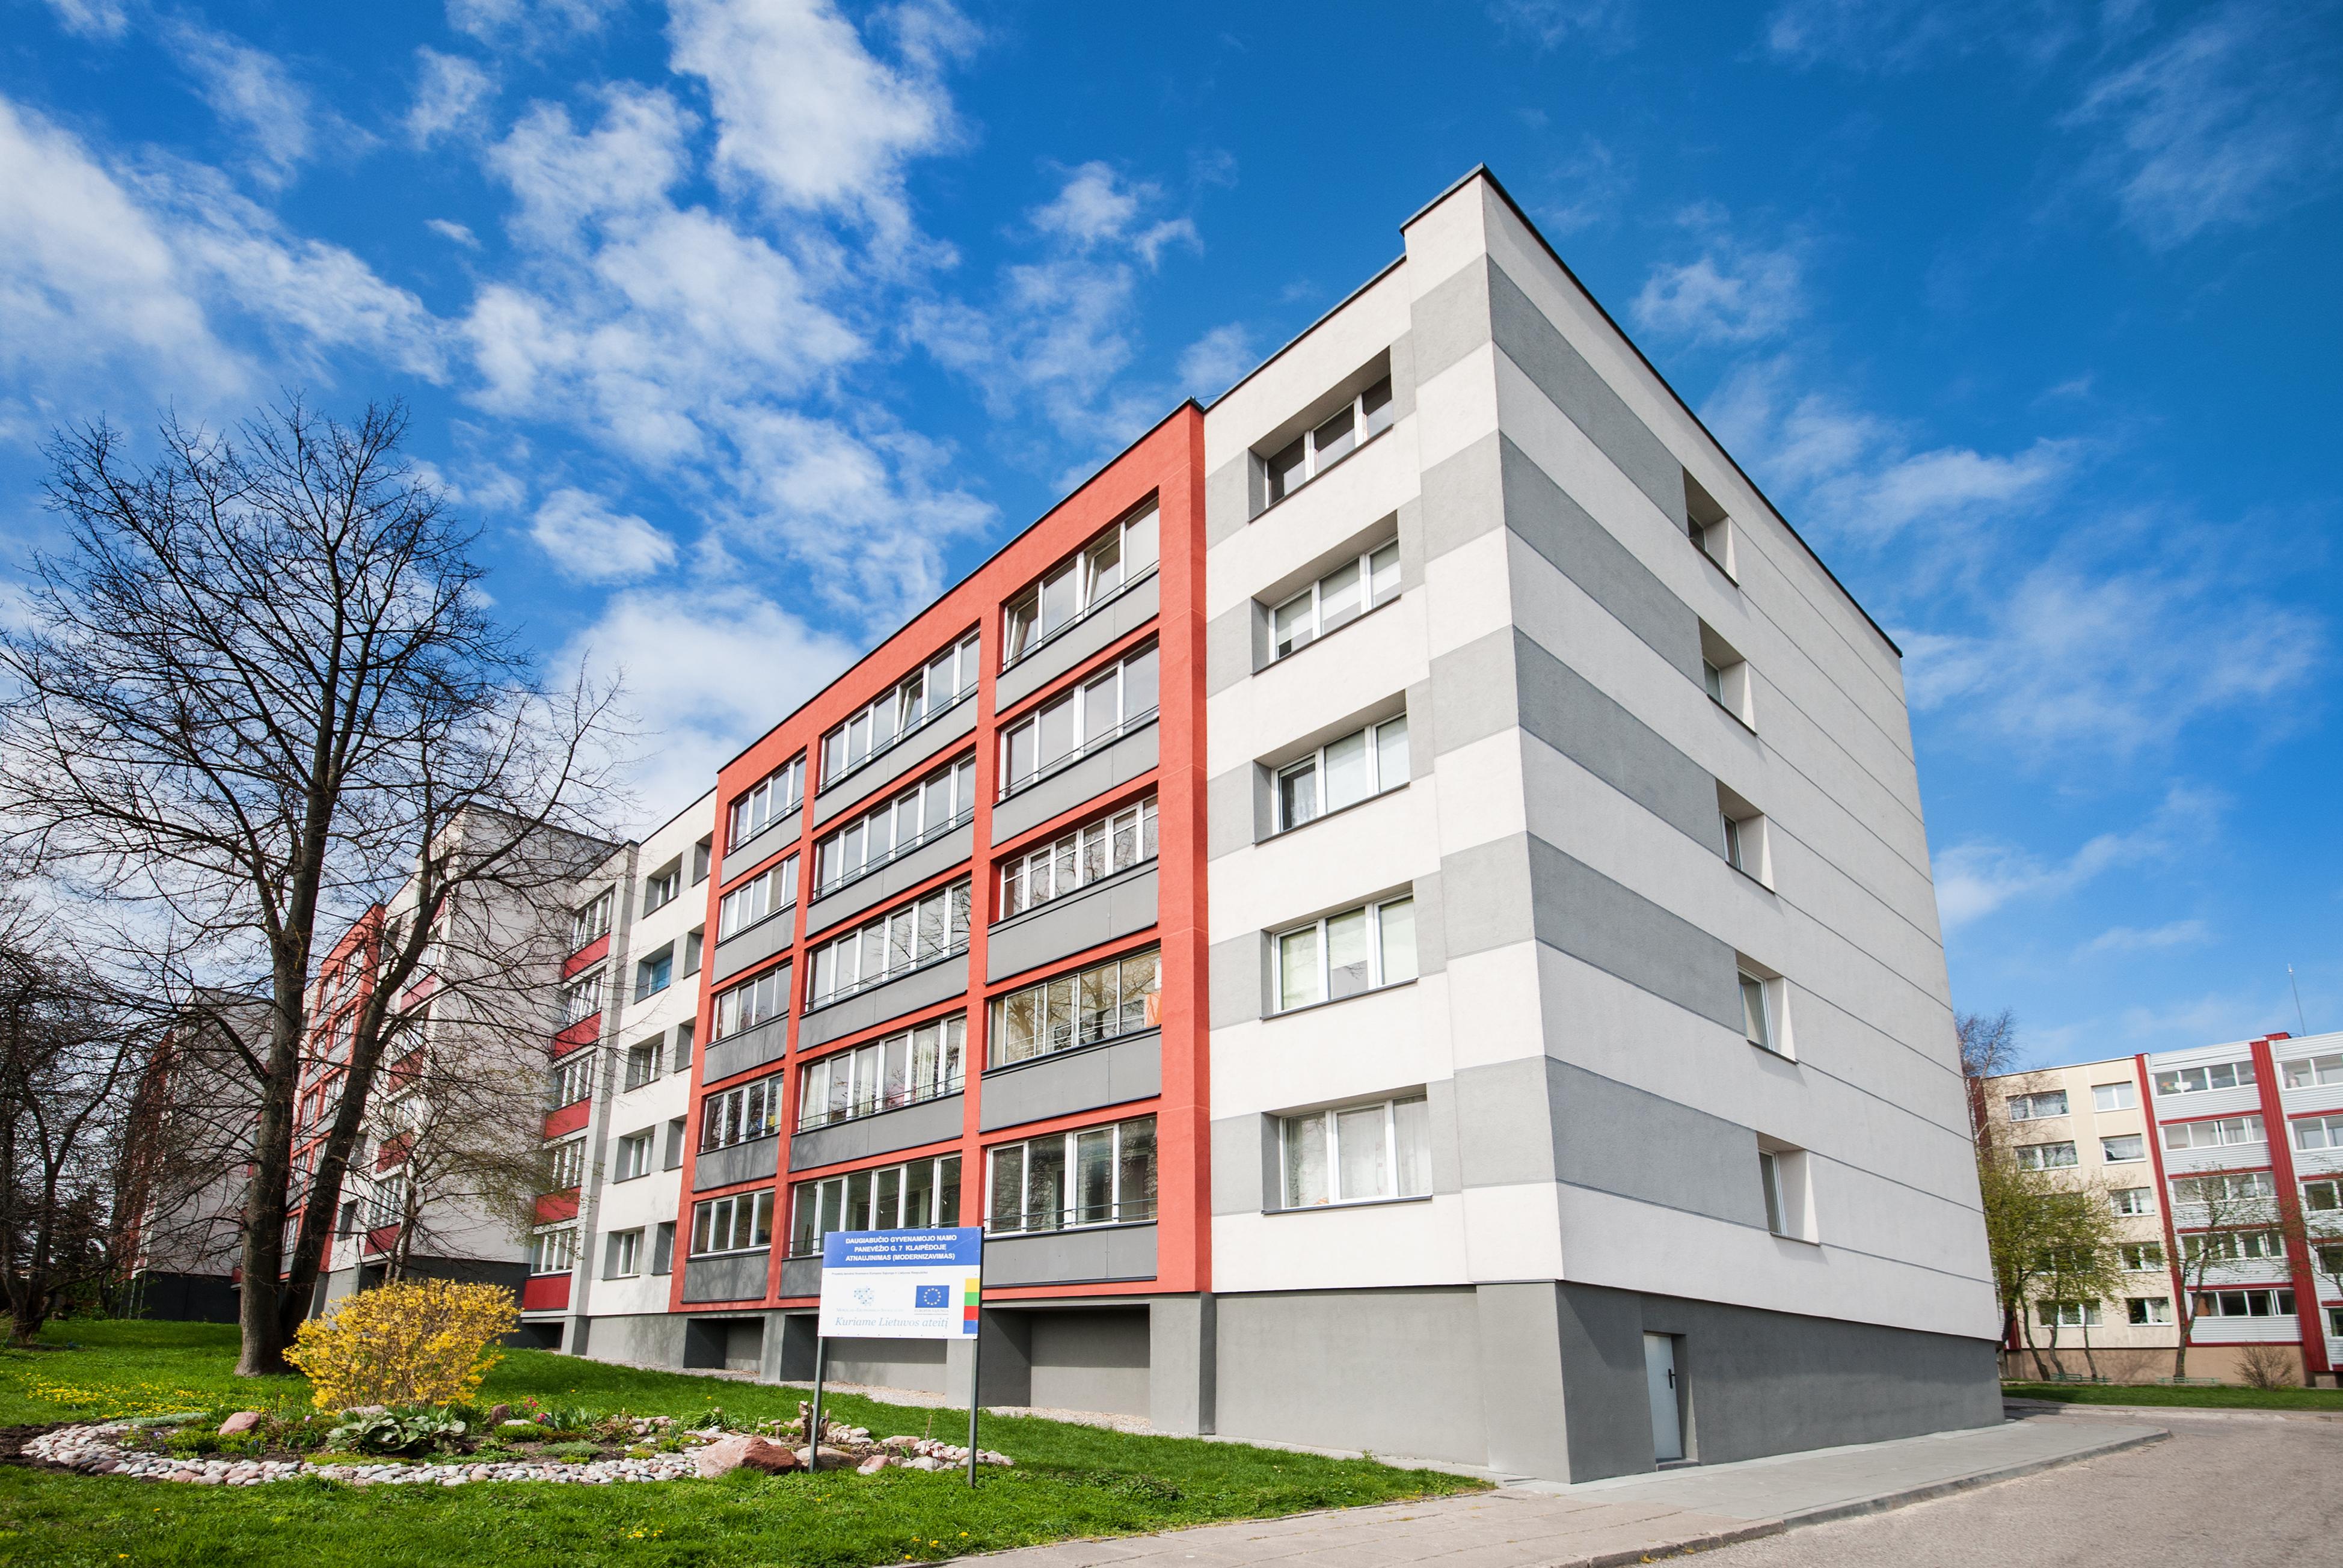 Daugiabučio gyvenamojo namo Panevėžio g. 7, Klaipėdoje, atnaujinimo (modernizavimo) projektas